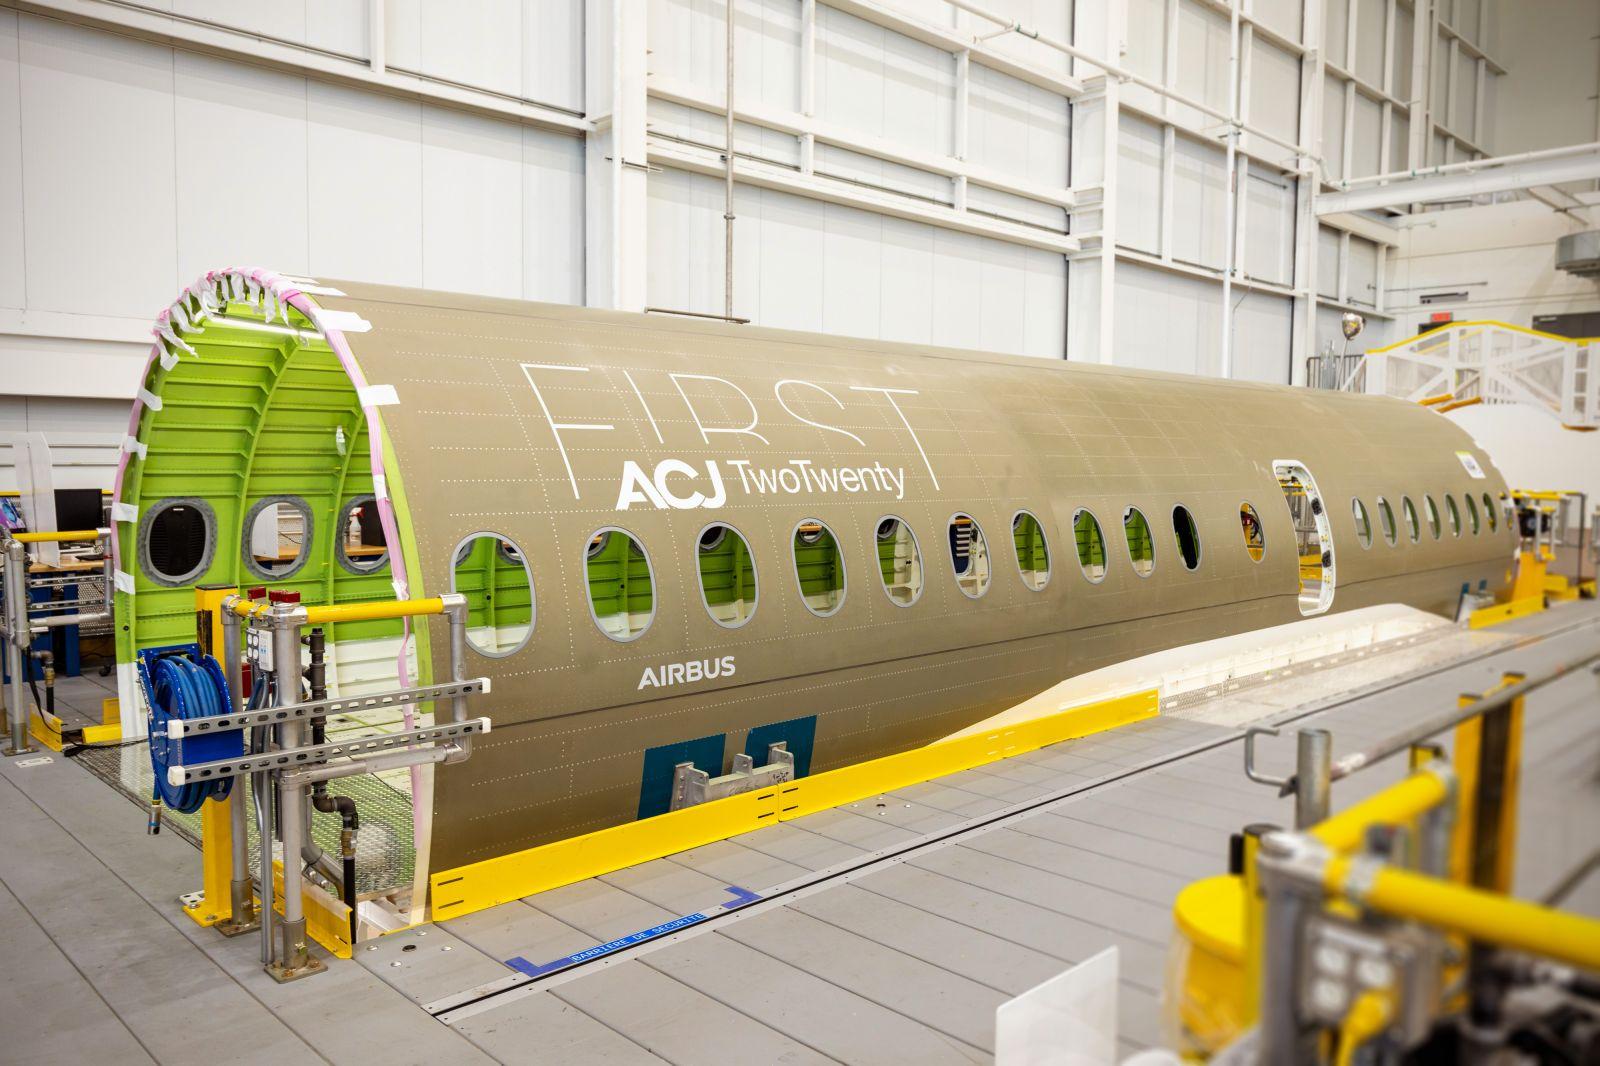 Първата секция на корпоративния бизнес джет ACJ TwoTwenty пристигна в завода на Airbus в Mirabel (Канада) (ЕКСКЛУЗИВНА ГАЛЕРИЯ)